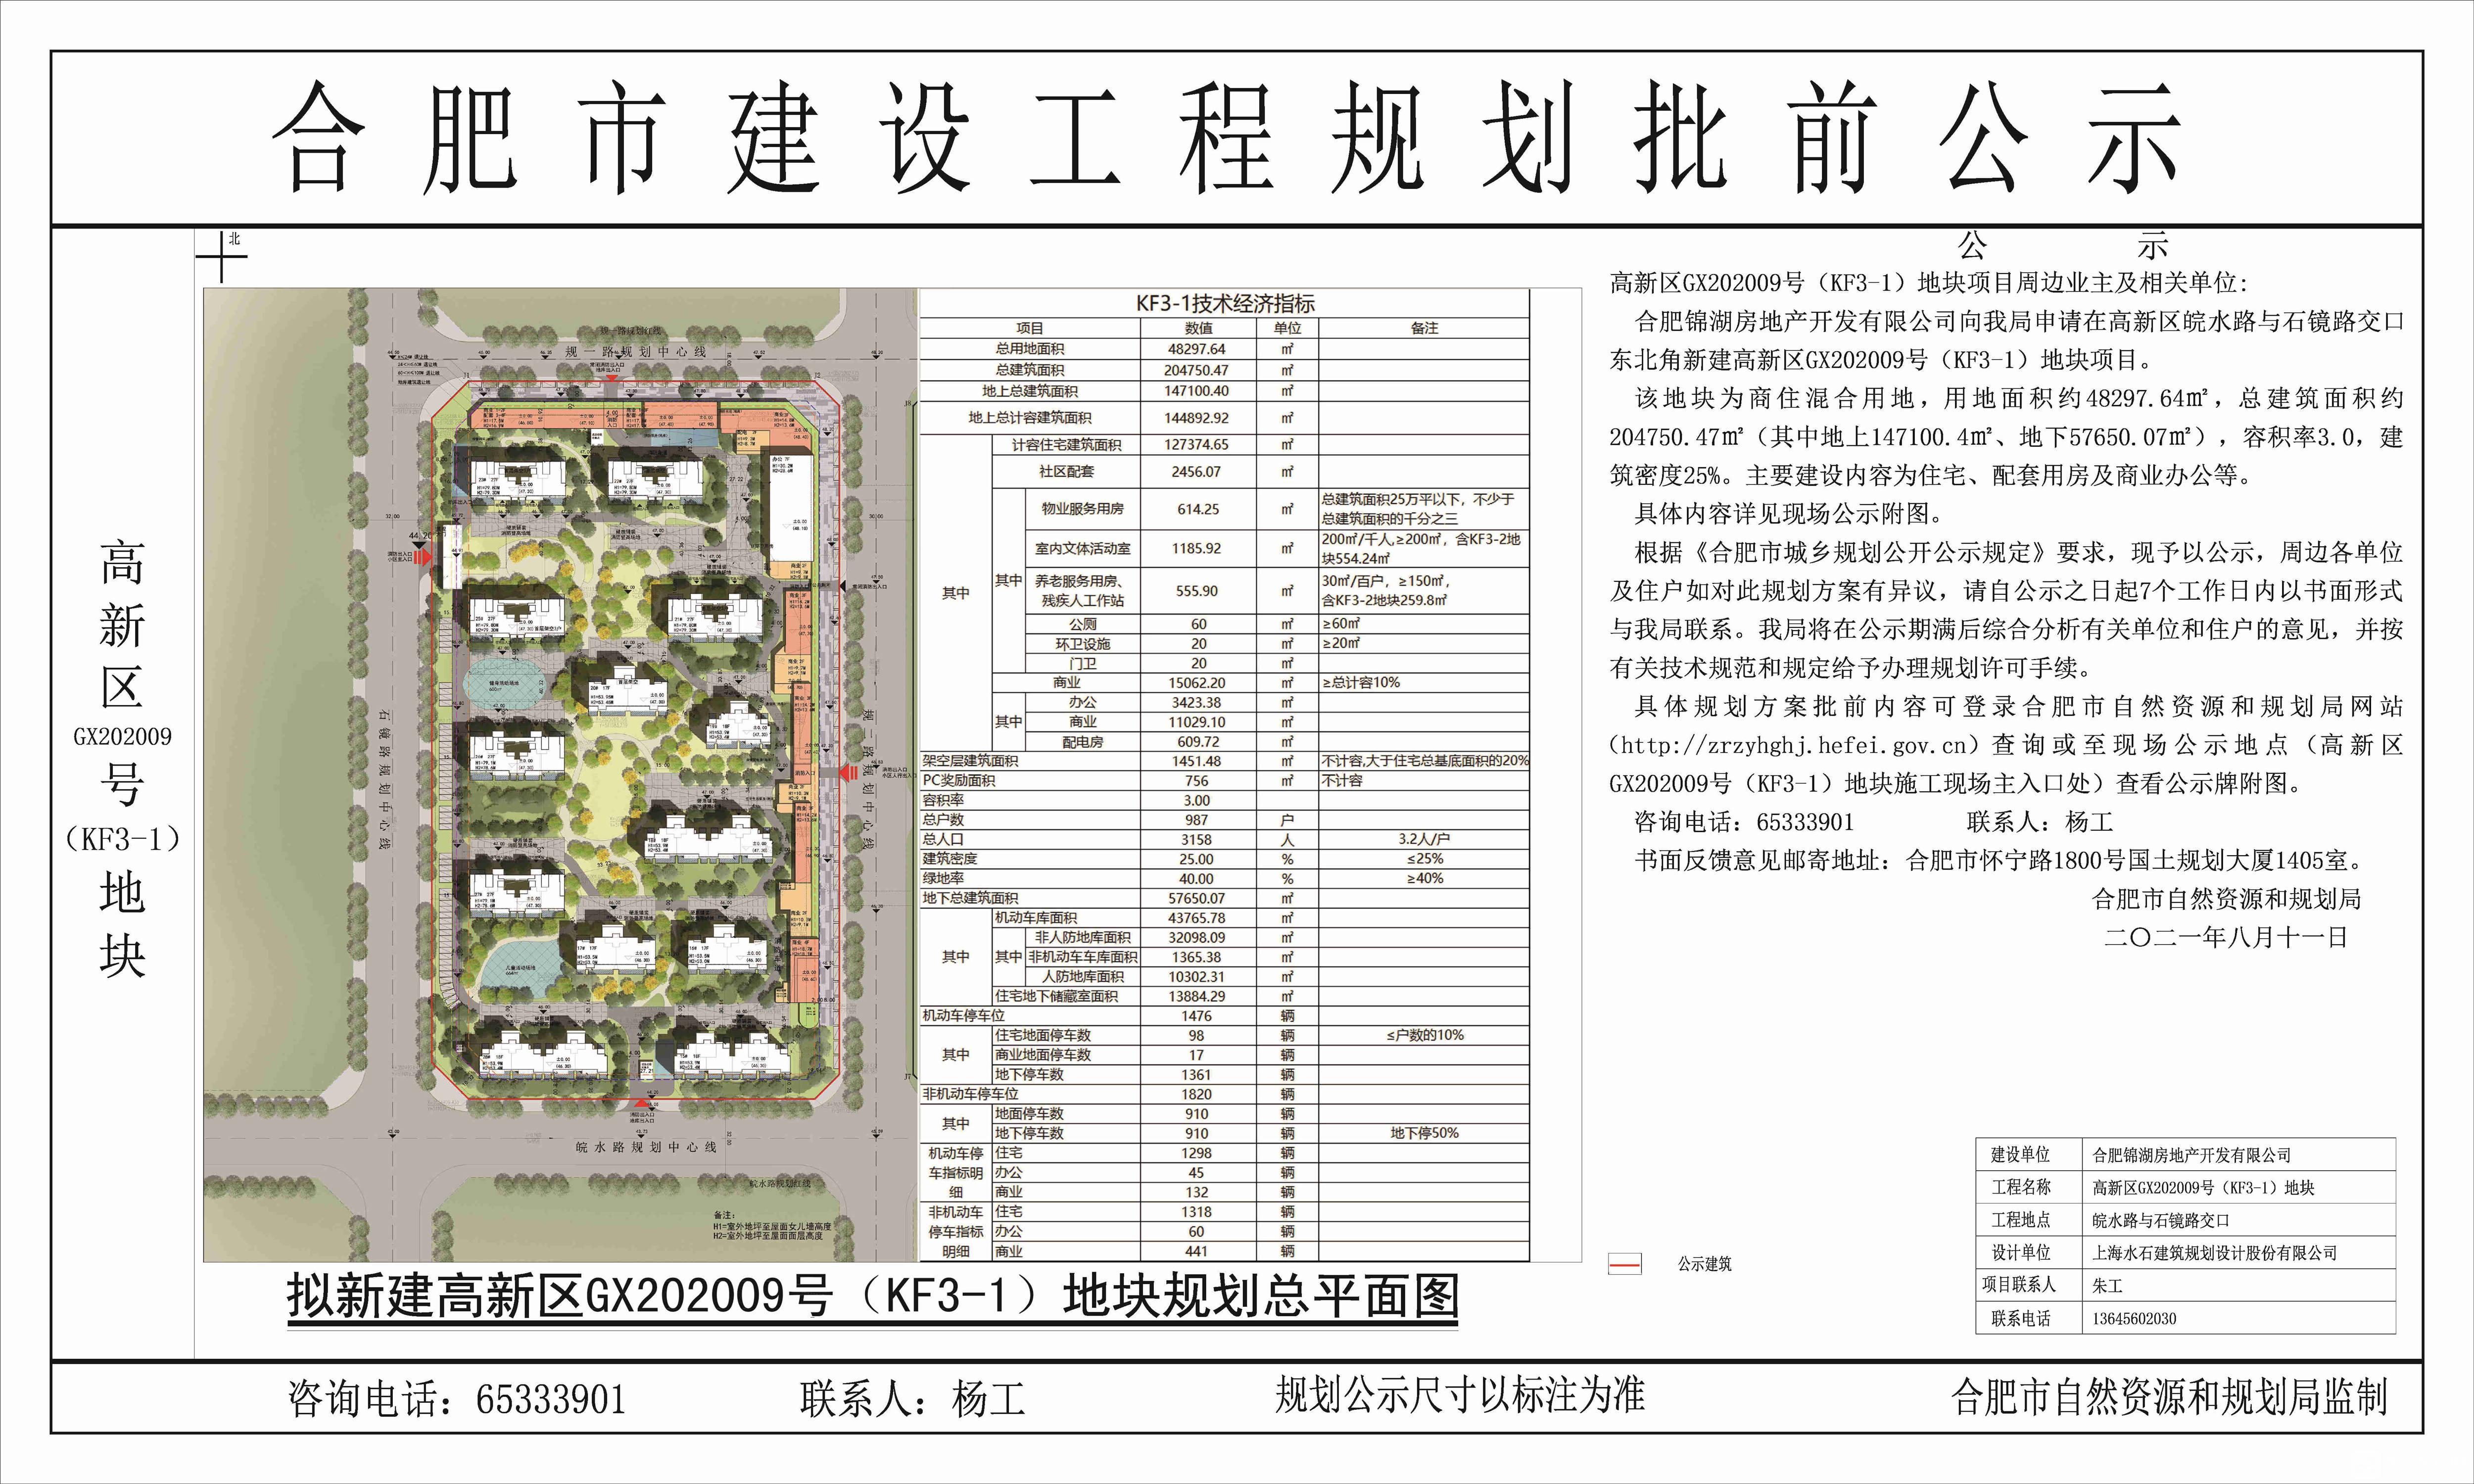 龙湖高新KF3-1地块公示图-模型1 副本_副本_副本